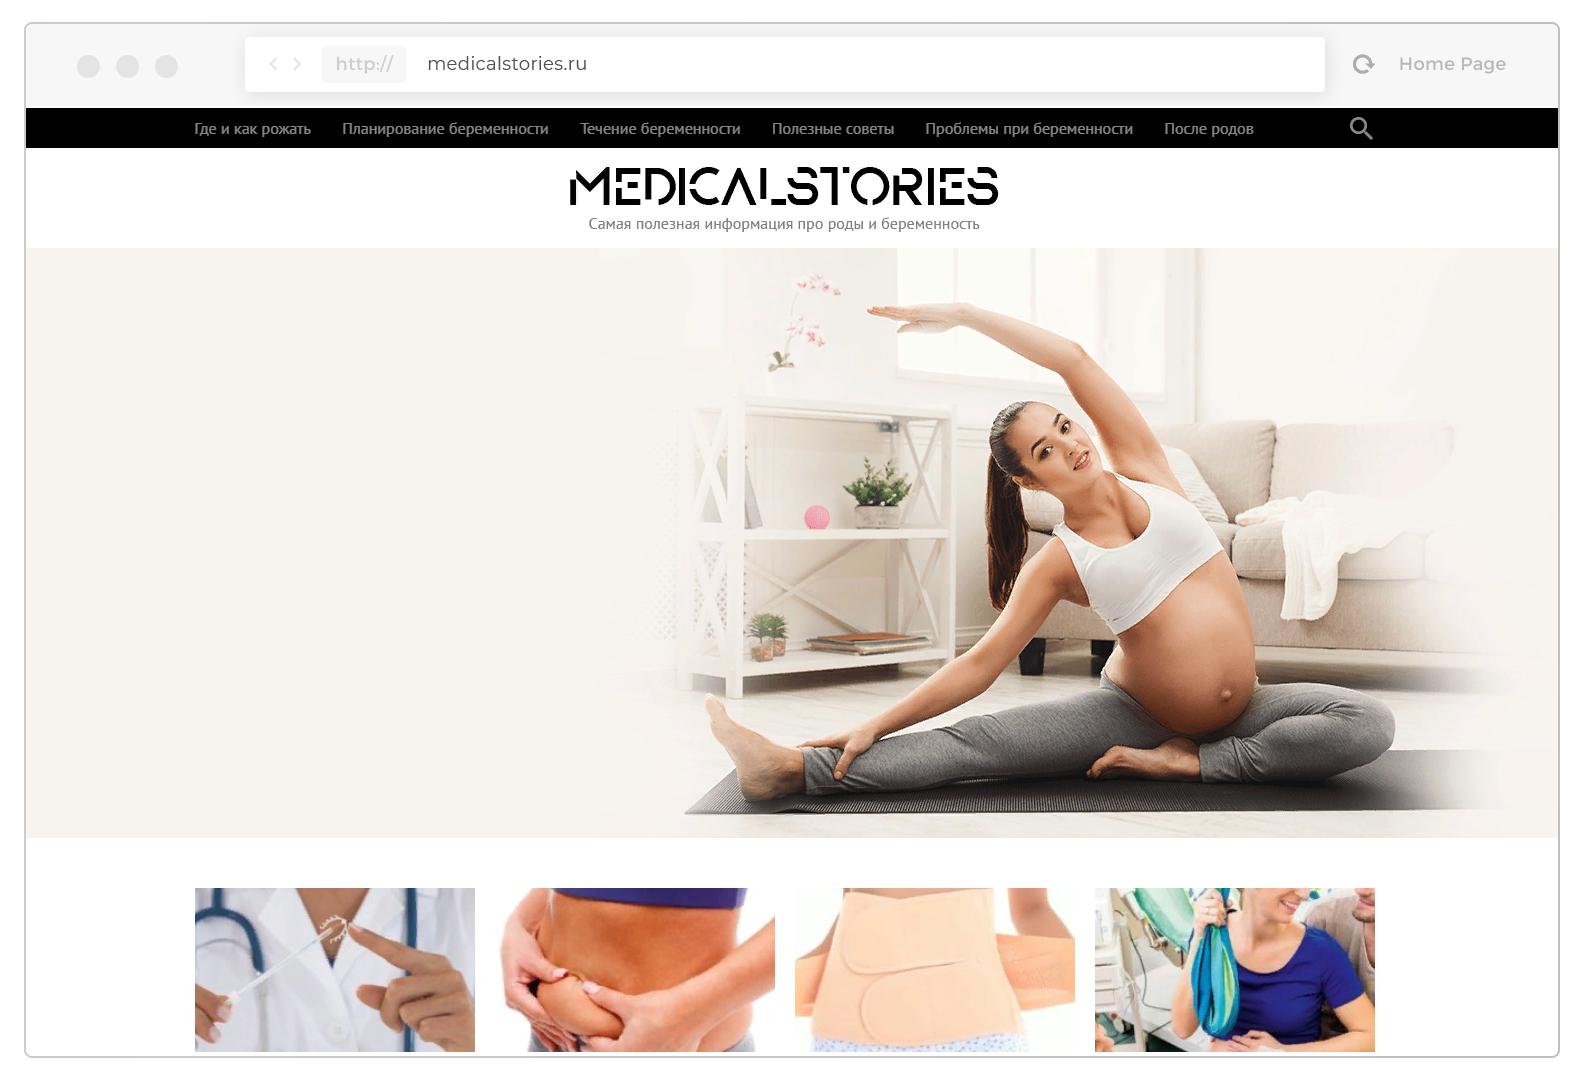 Редизайн сайта - Medicalstories - Самая полная информация про роды и беременность